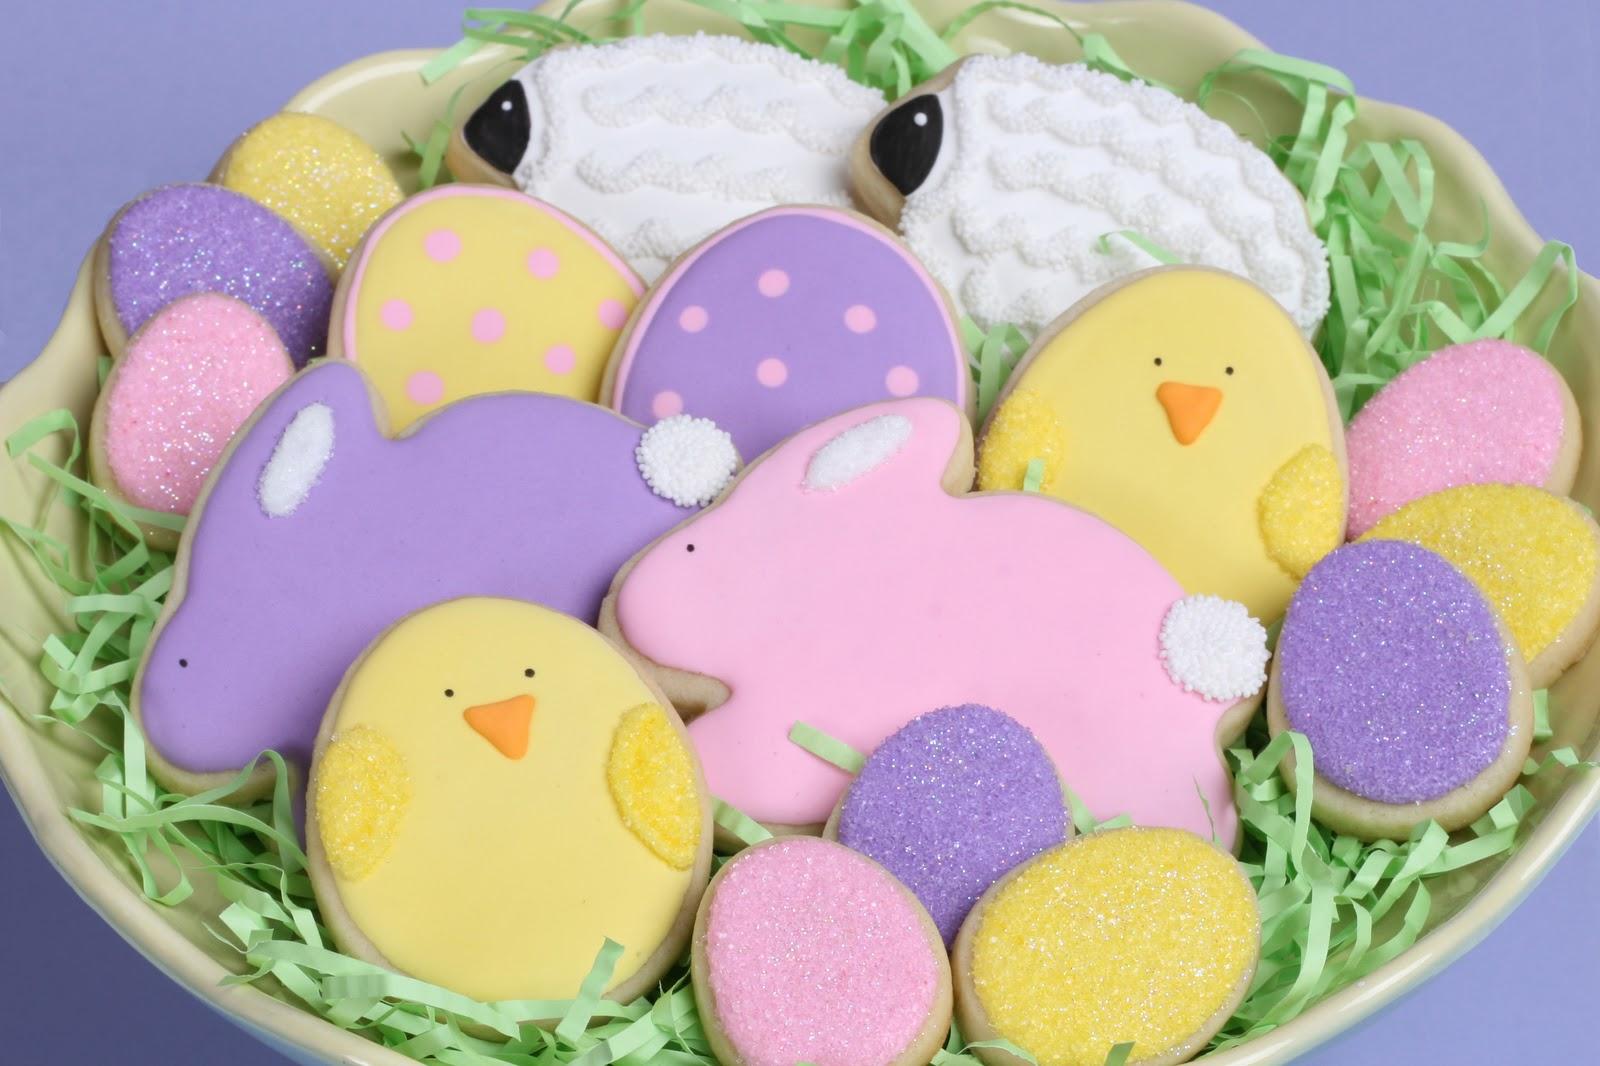 Dolci di Pasqua biscotti glassati